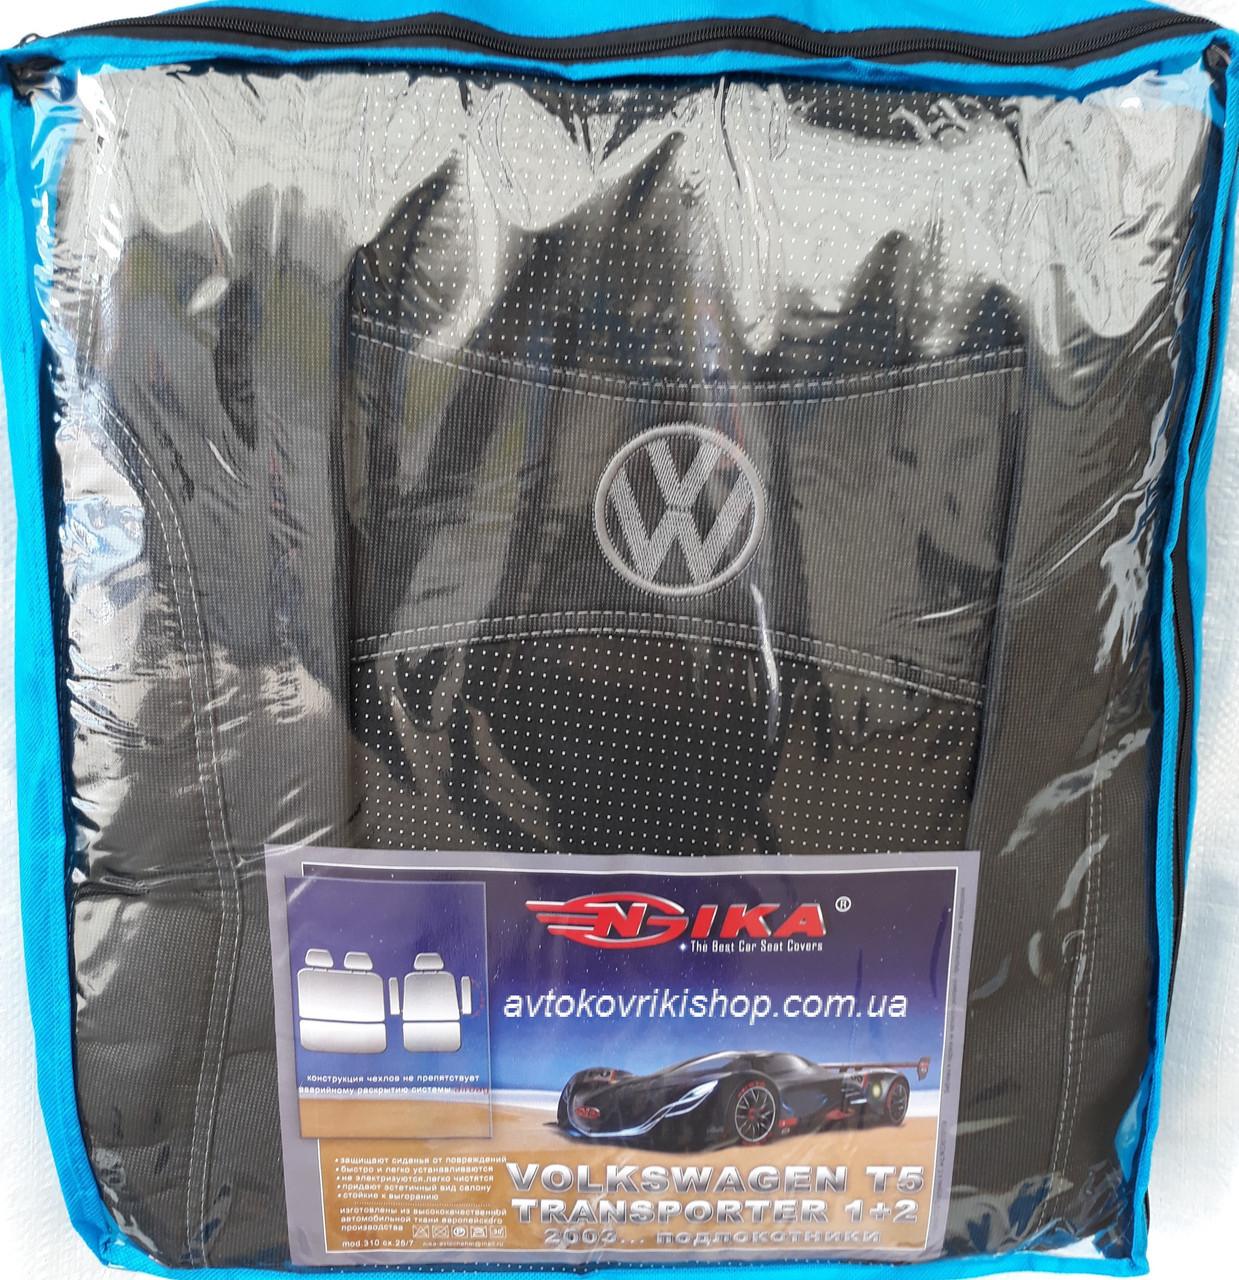 Авточехлы Volkswagen T5 1+2 2003- (2 подлокотника) Nika